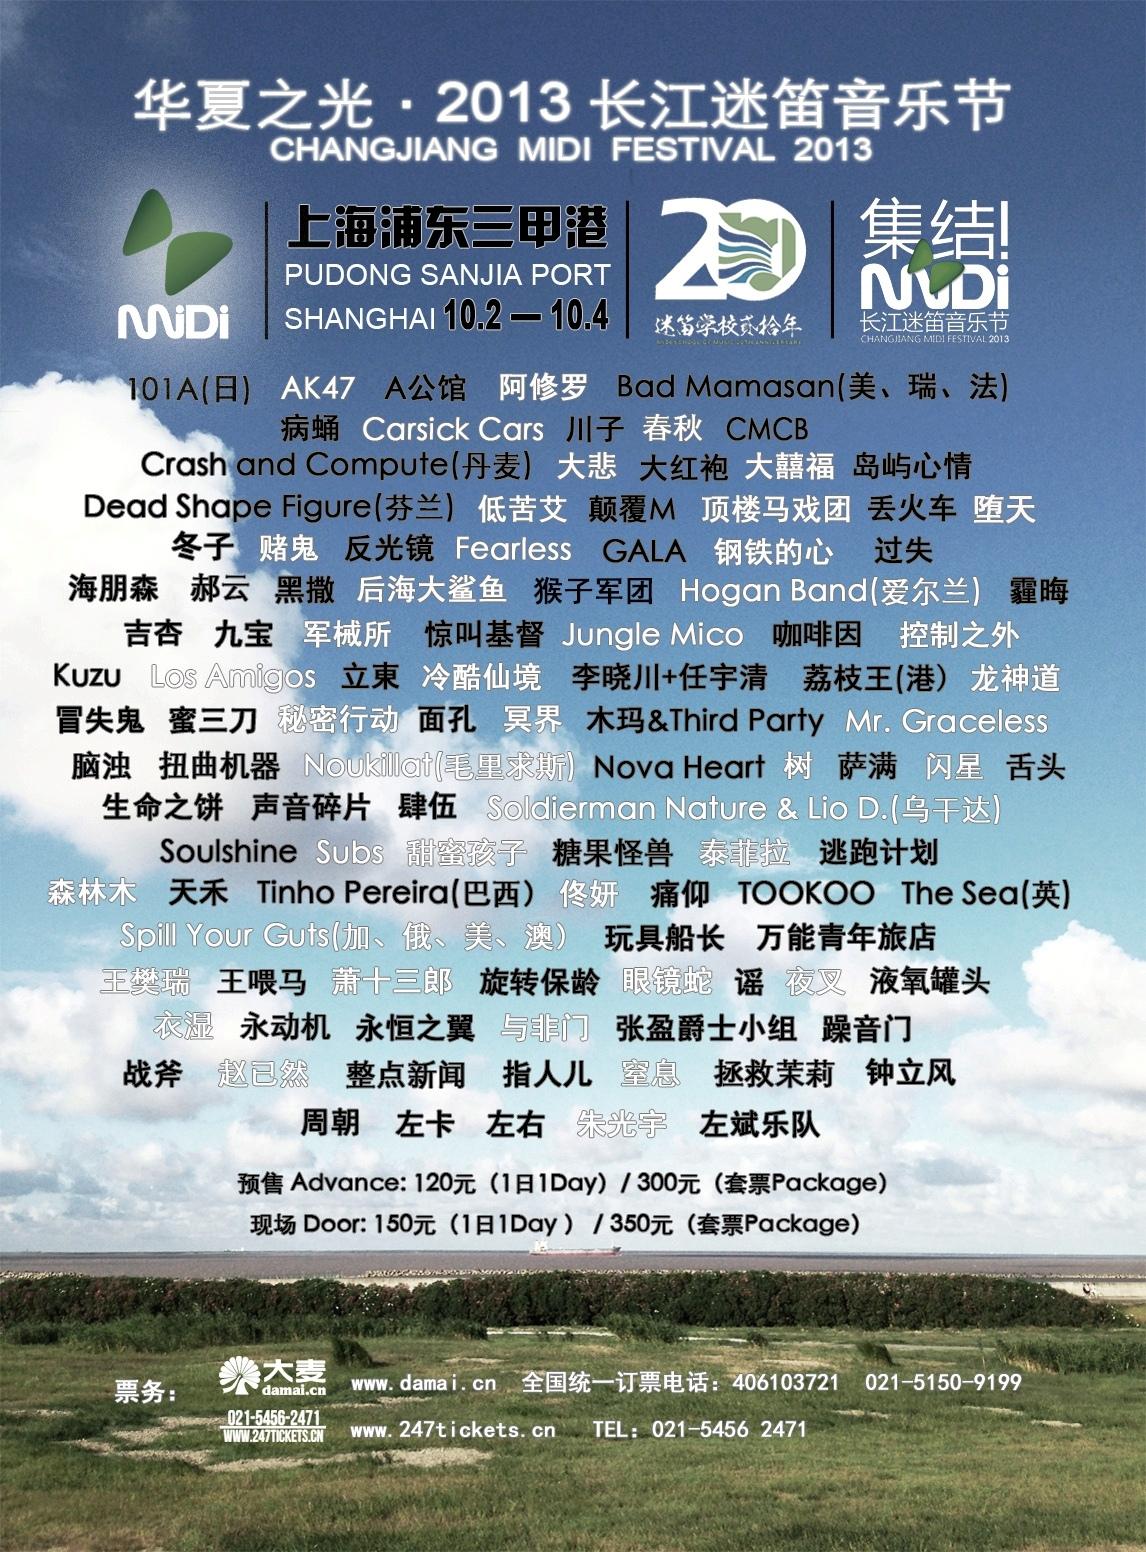 2013长江预售海报改版6(1)